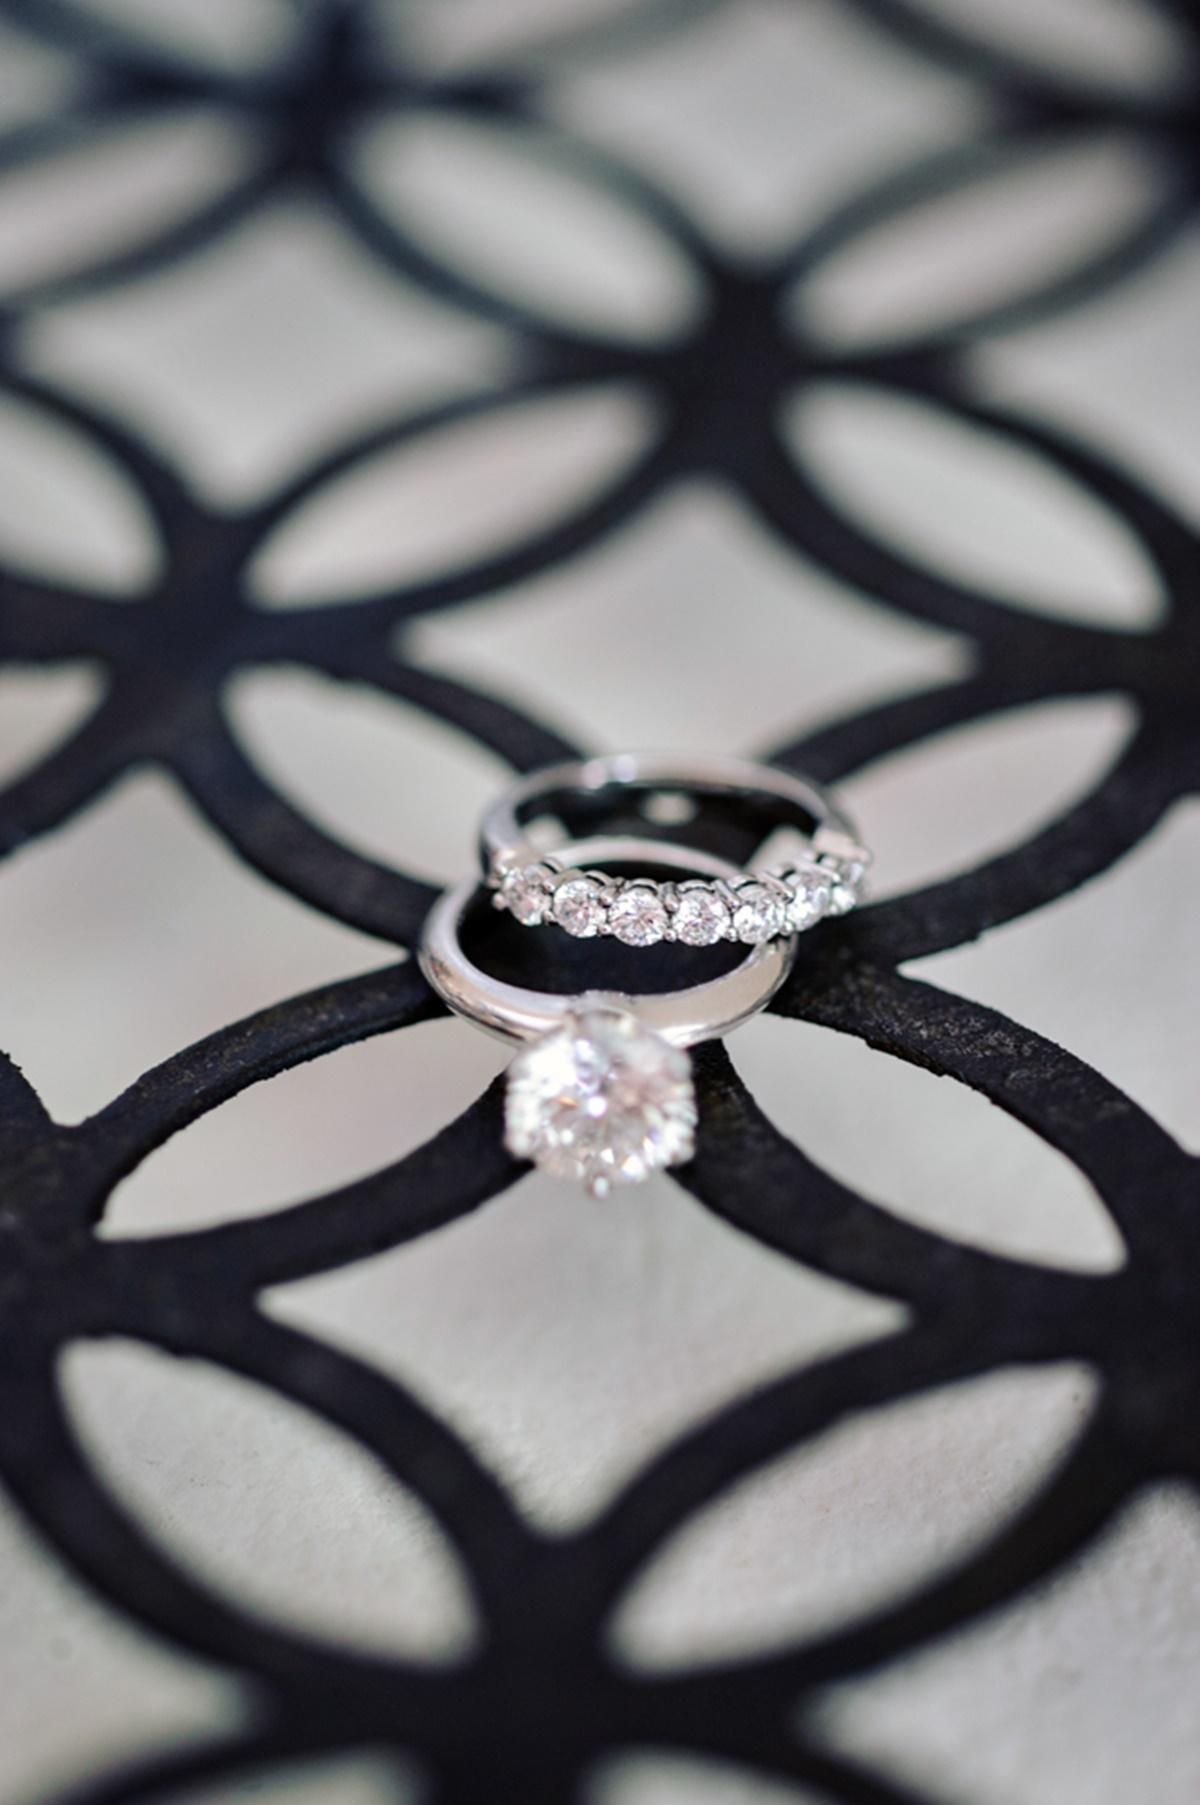 Μονόπετρο δαχτυλίδι με διαμάντι και βεράκι με διαμαντάκια